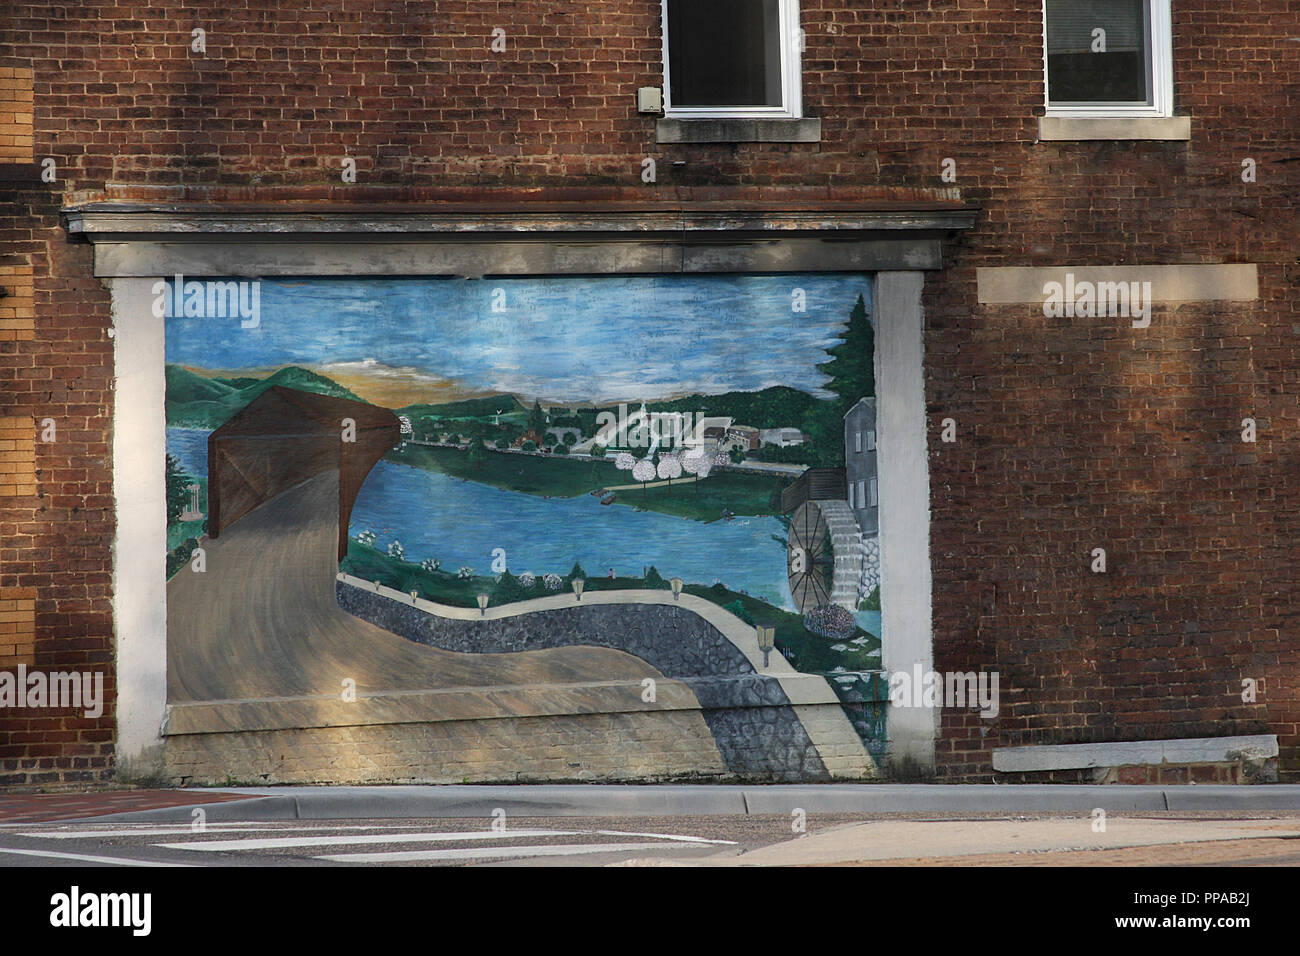 Wandbild in der Innenstadt von Harrisonburg, Virginia Stockbild